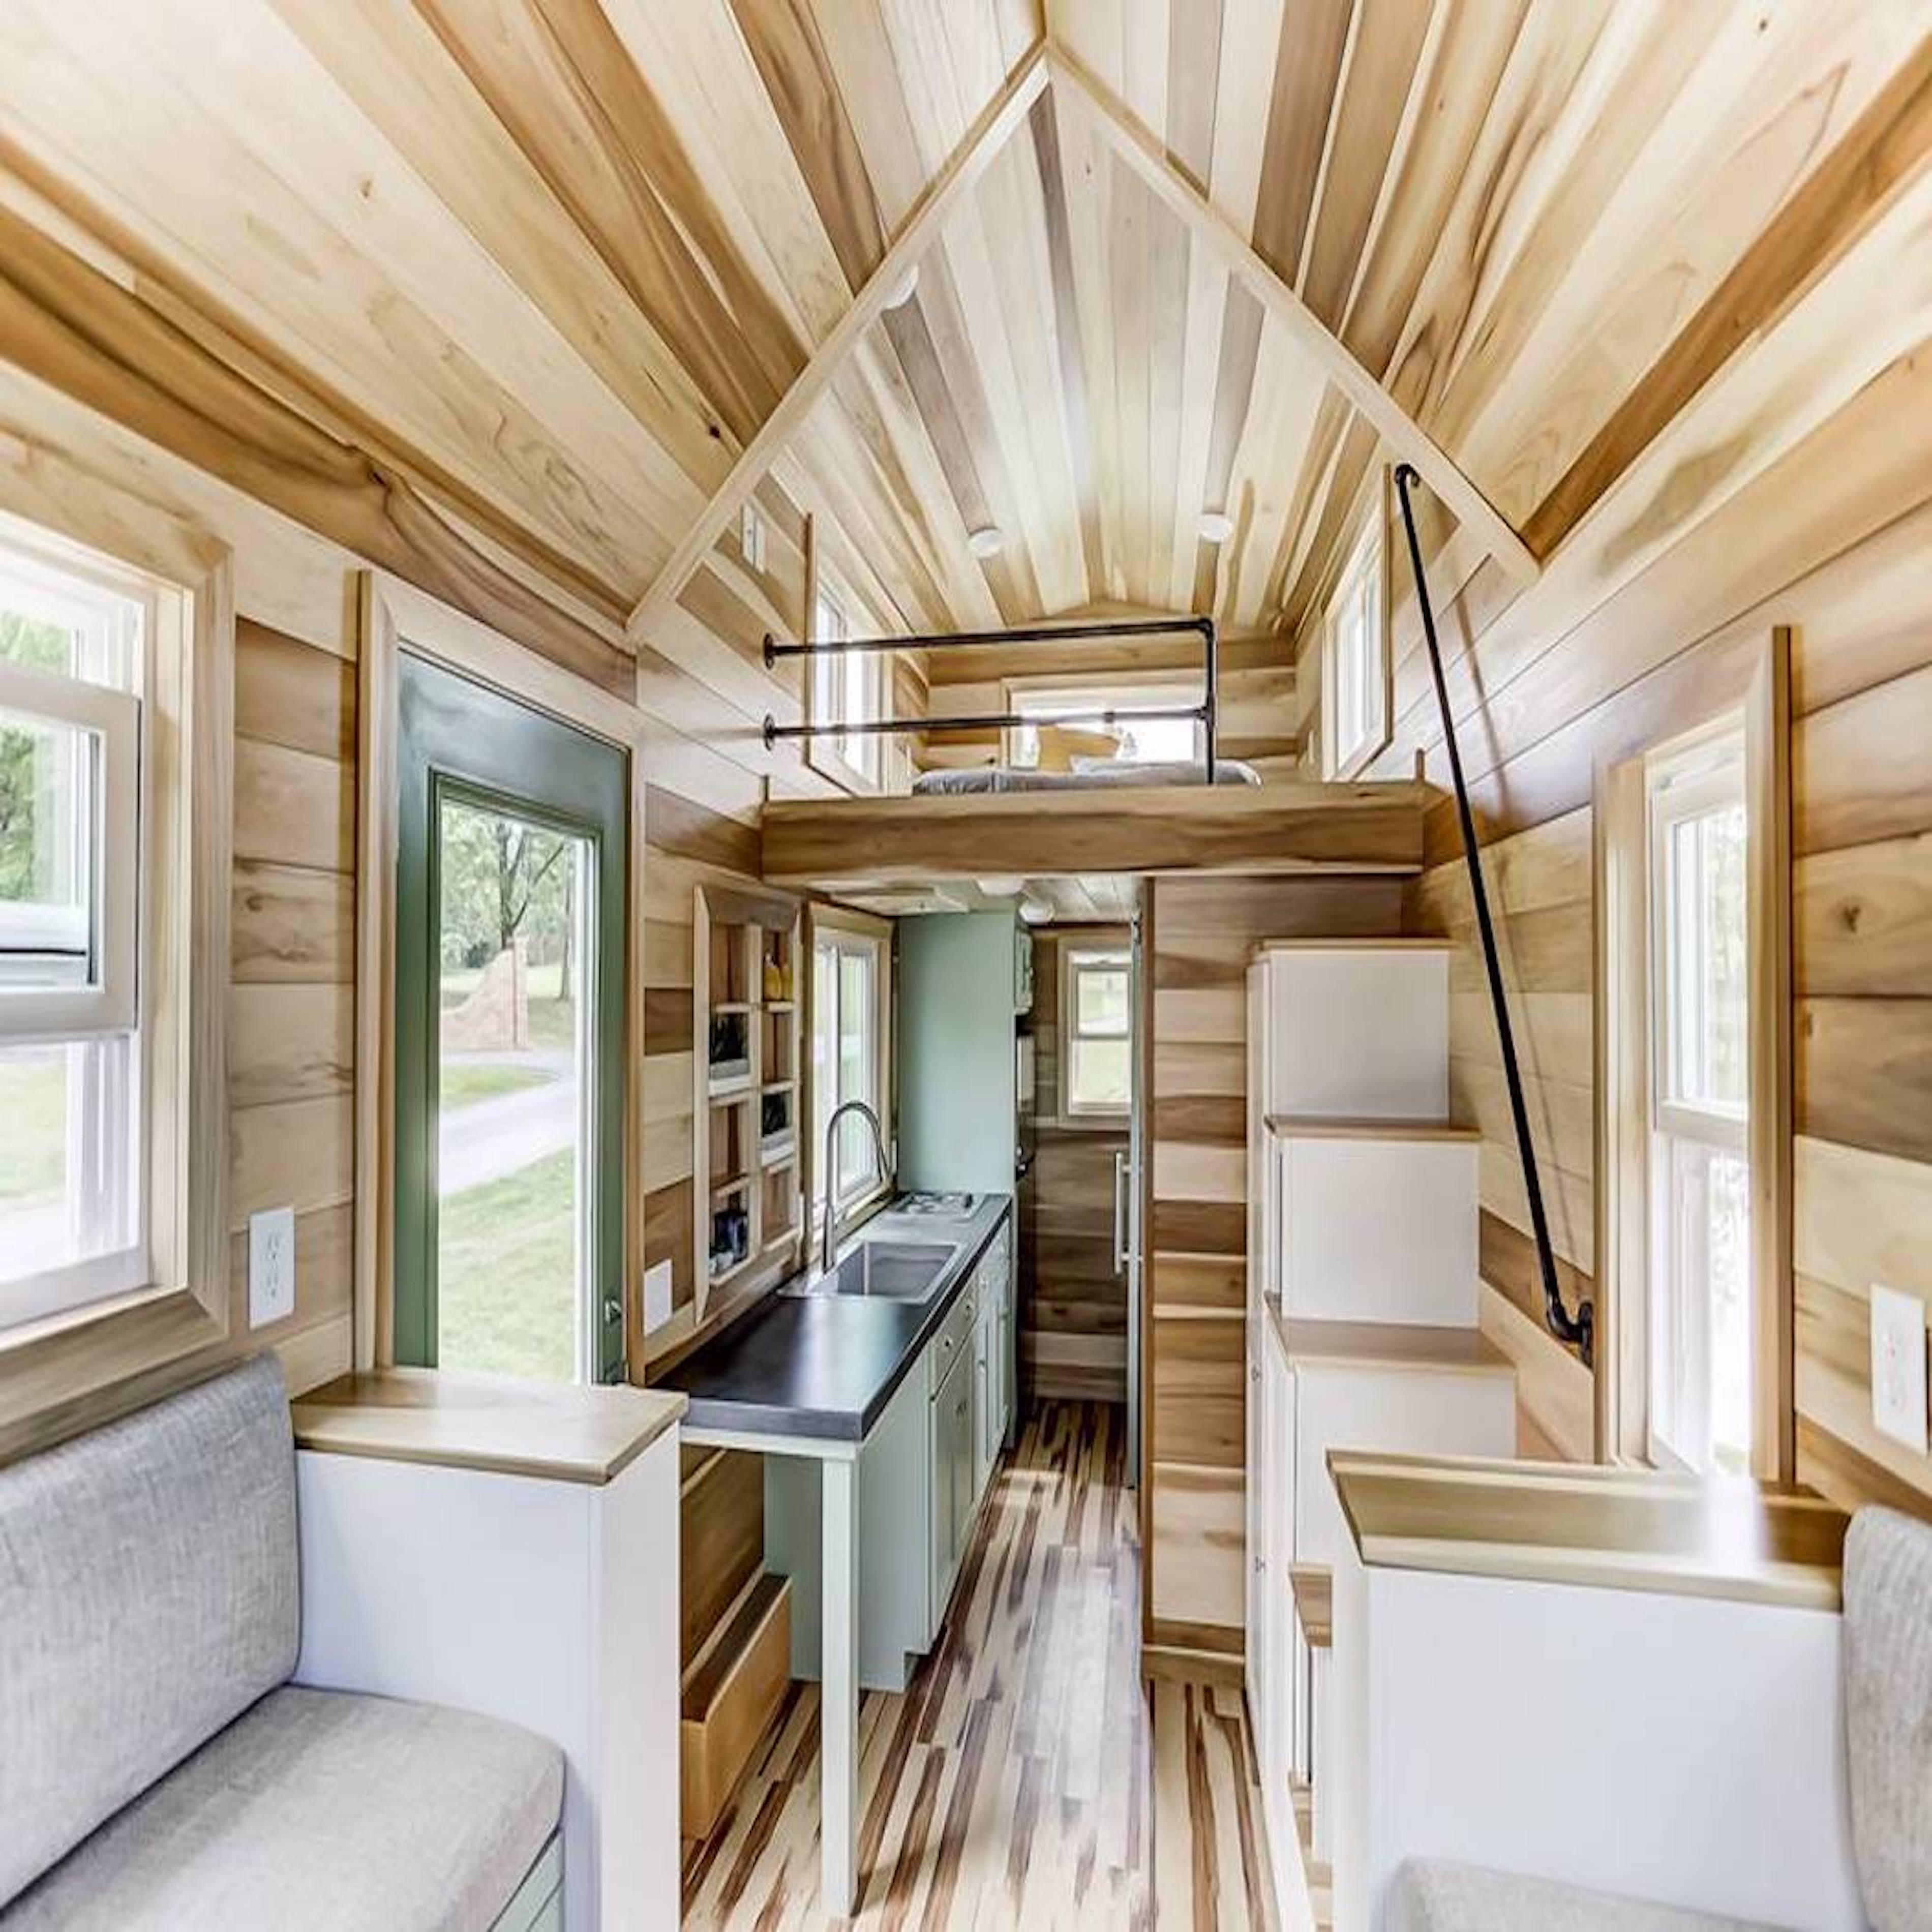 Intérieur d'une tiny house en bois